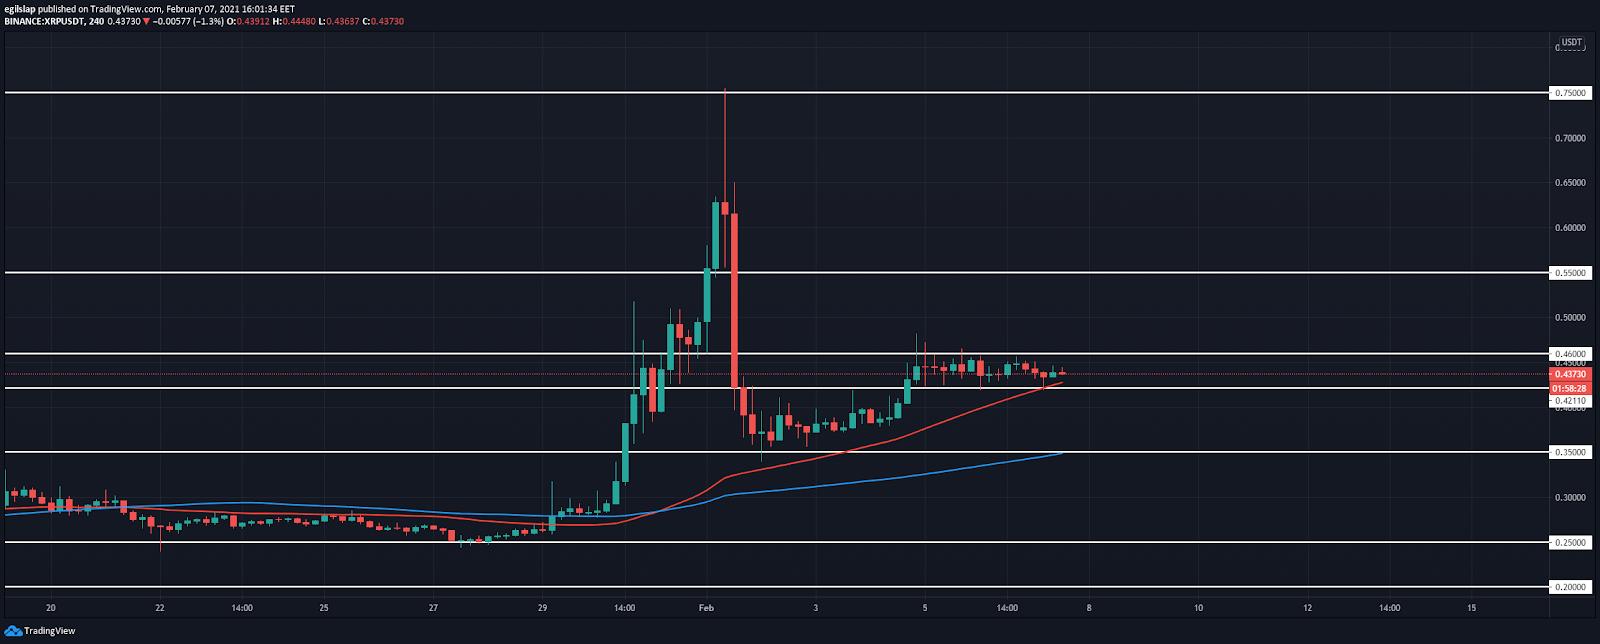 Weekly Crypto Price Analysis - XRP